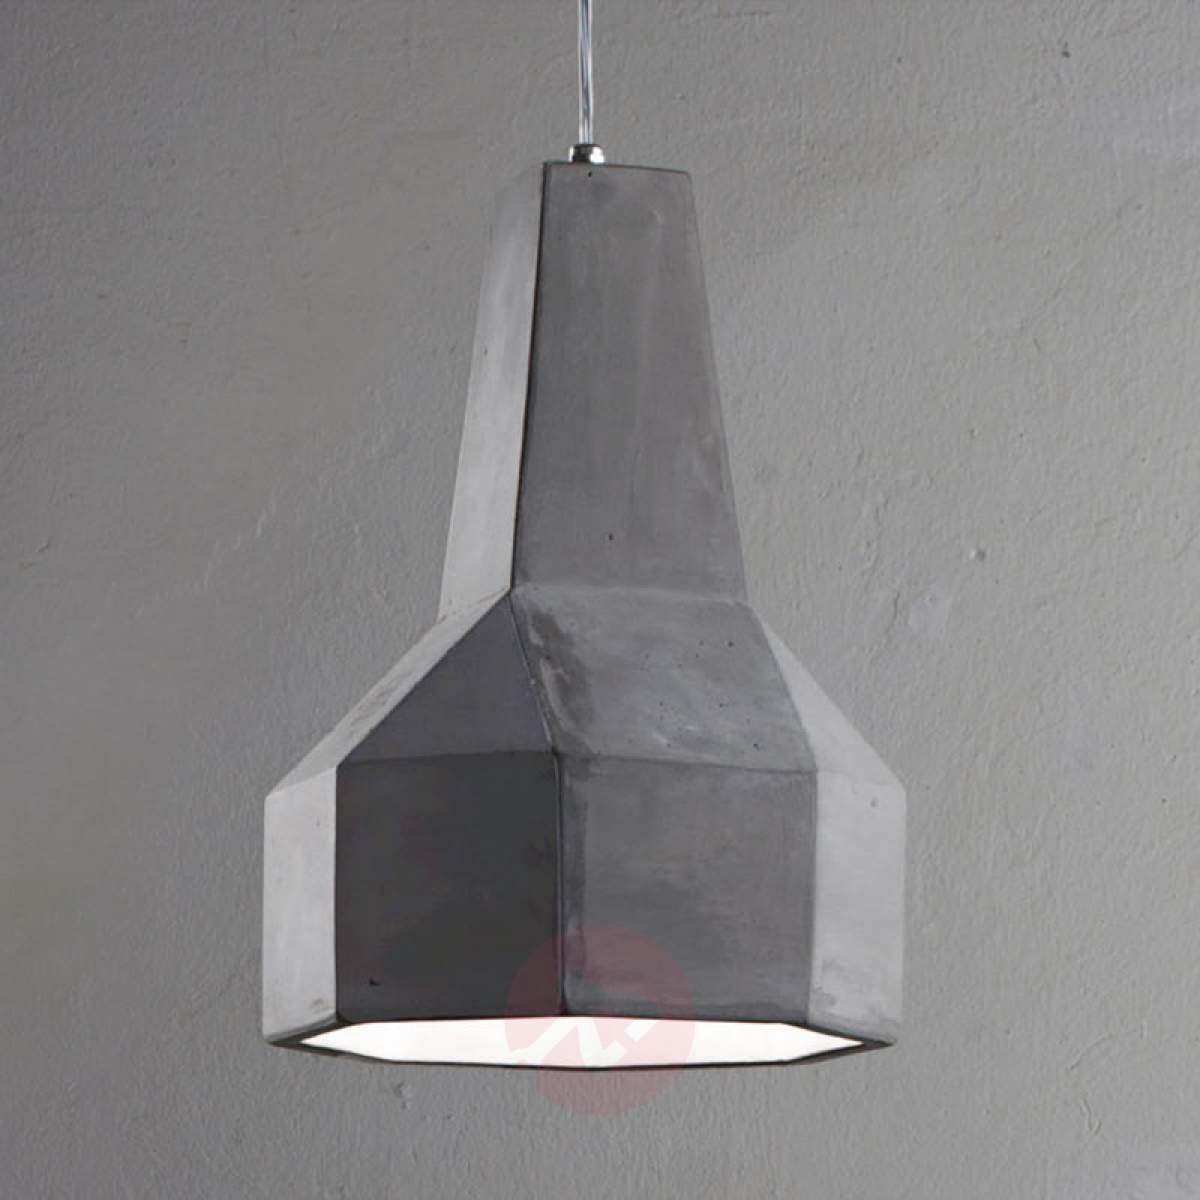 lampy nowoczesne do przedpokoju | czarne lampy wiszące